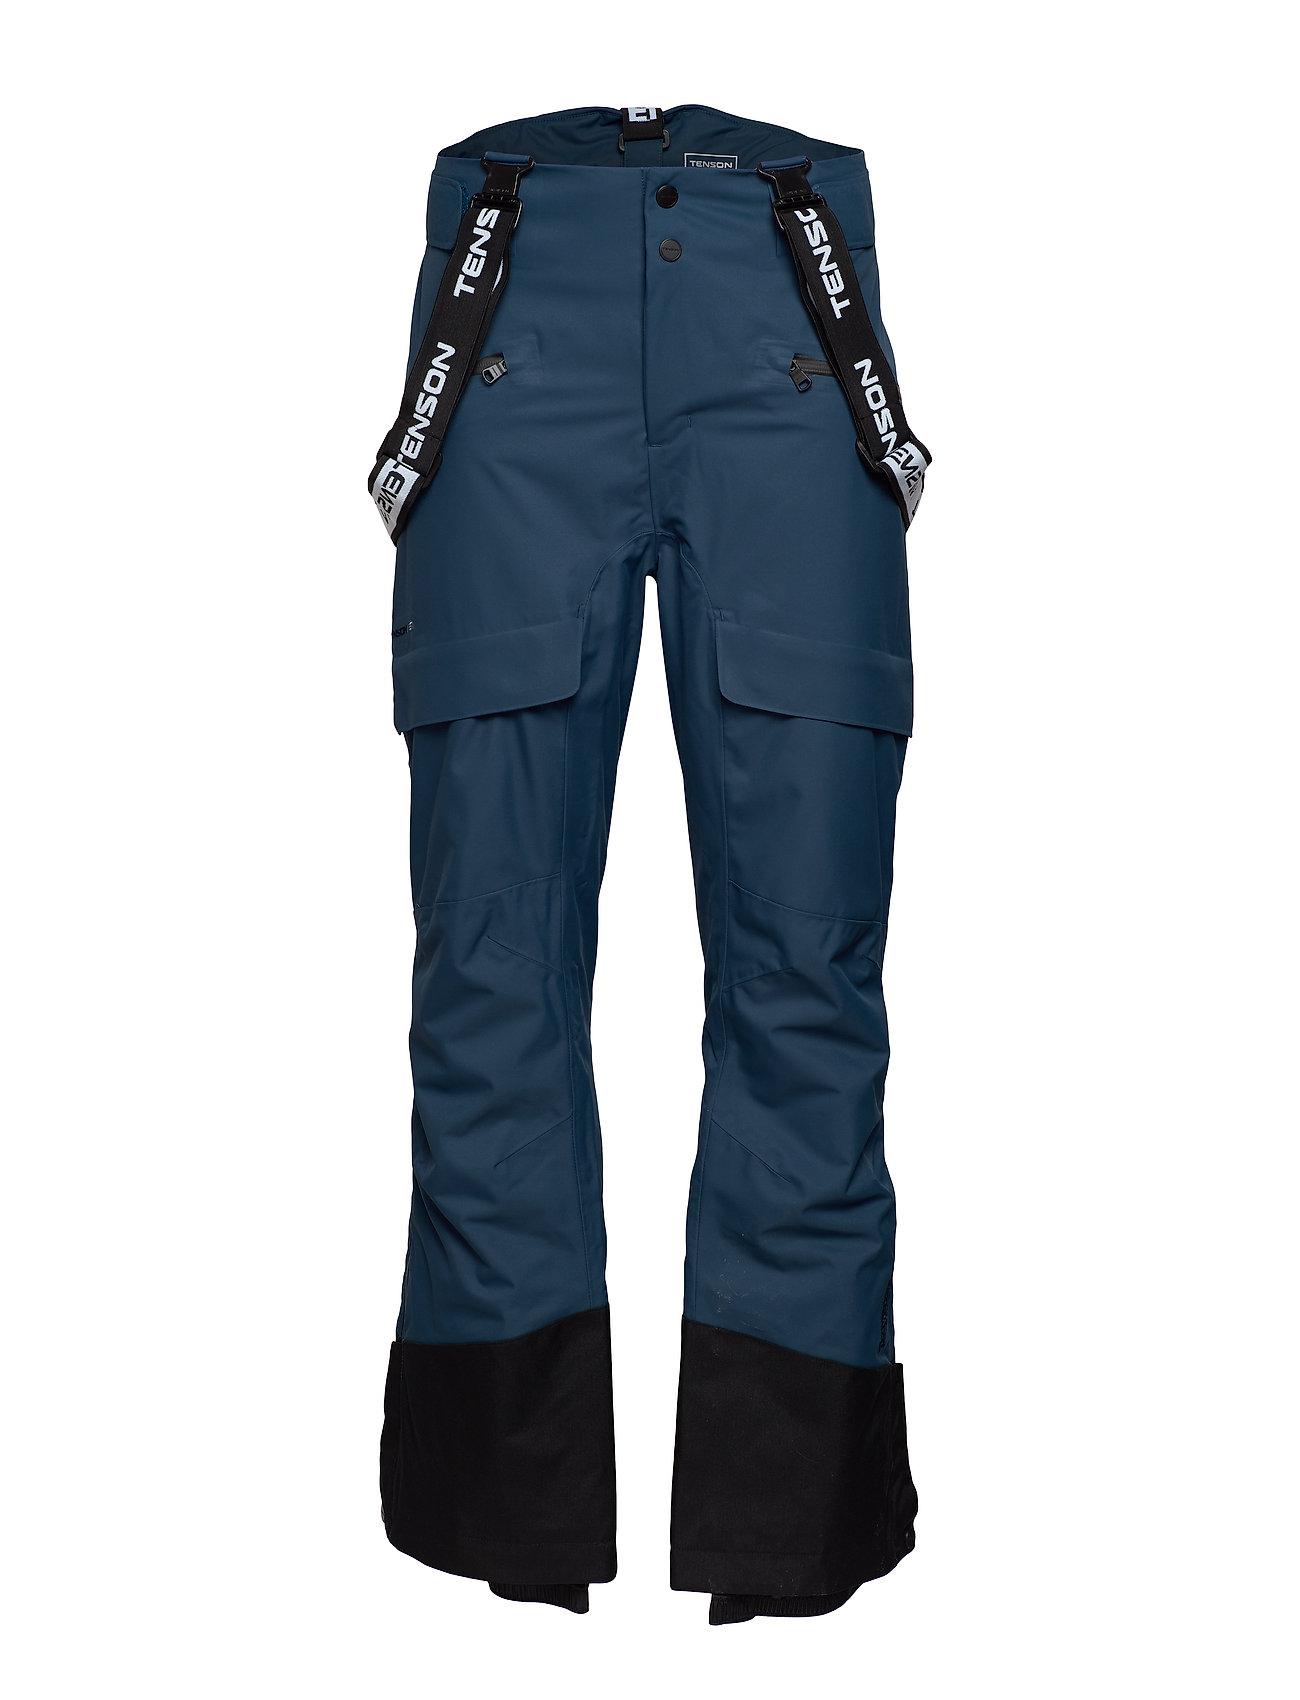 Image of Samir Sport Pants Blå Tenson (3270673163)